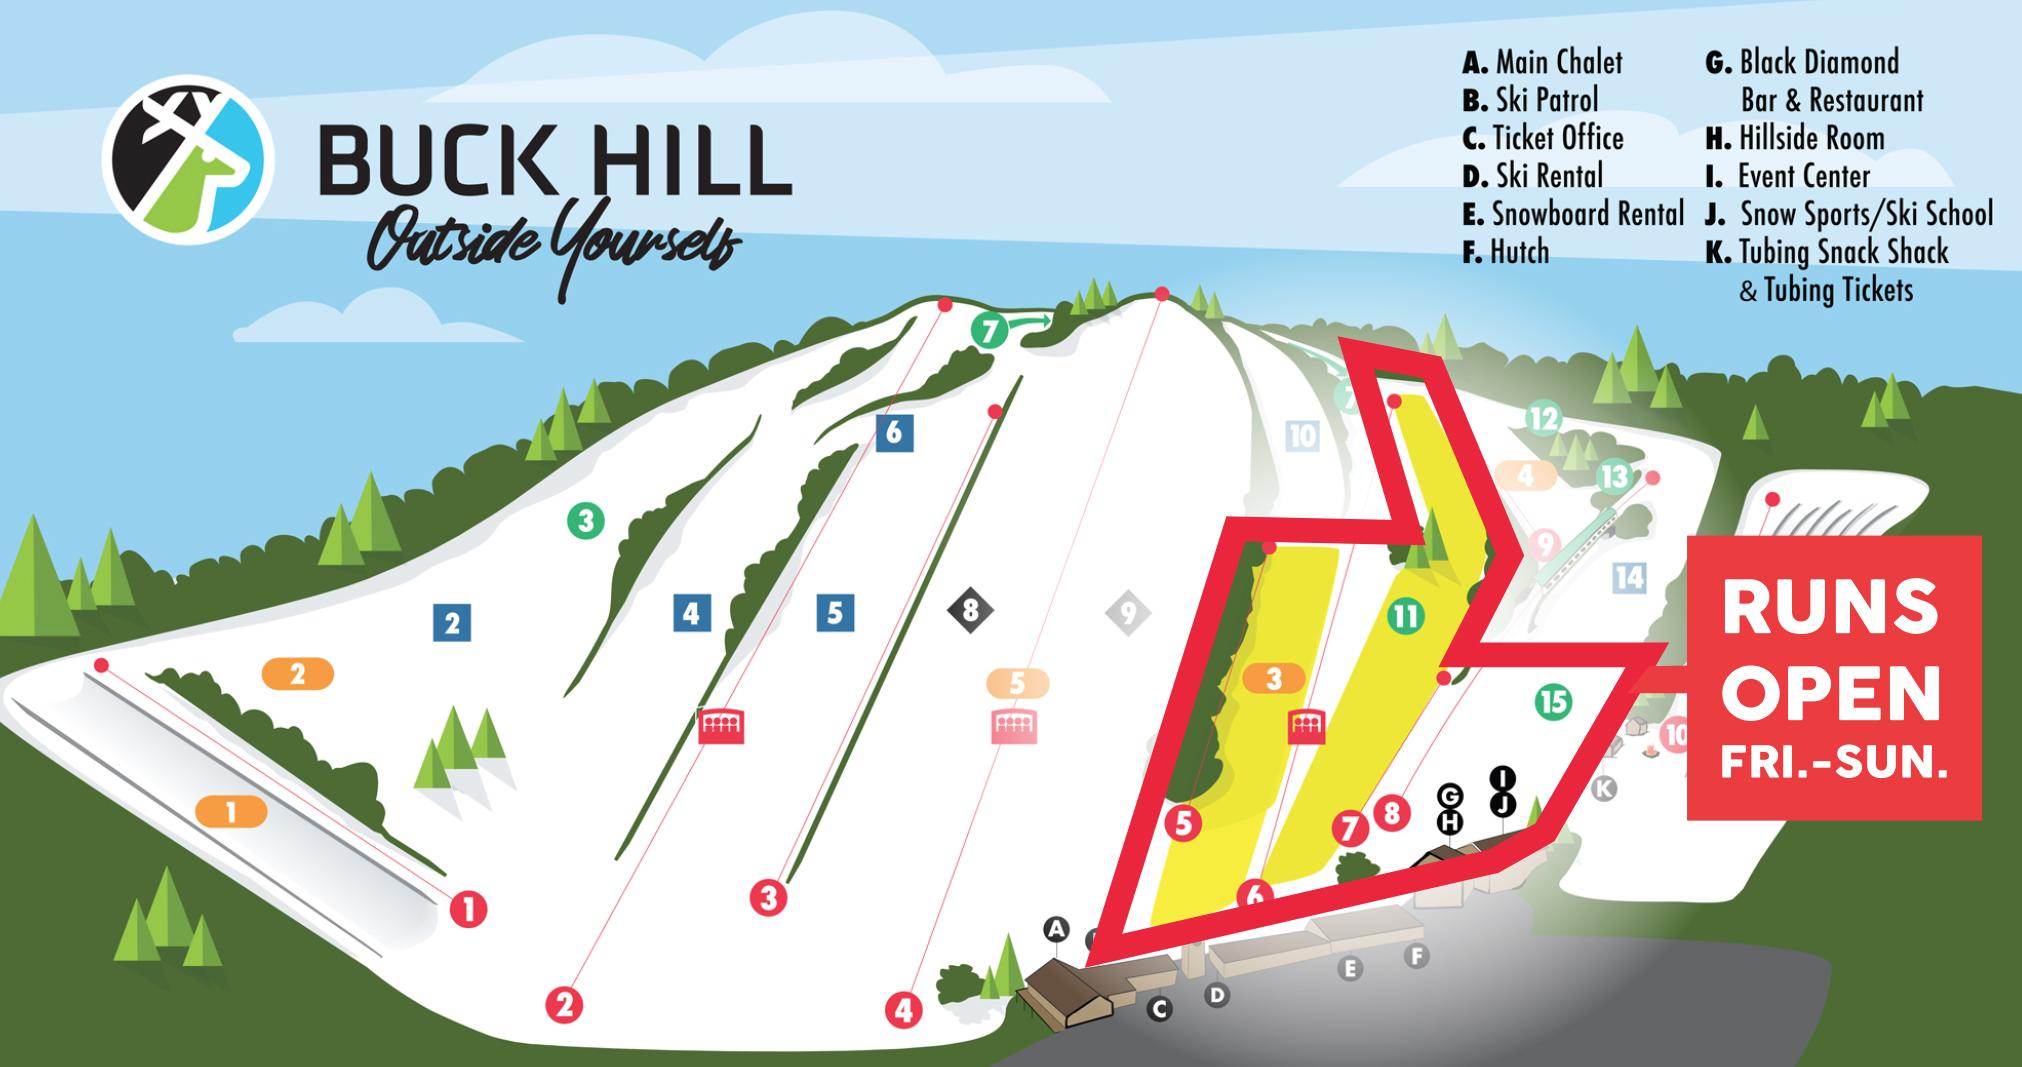 Open Runs at Buck Hill